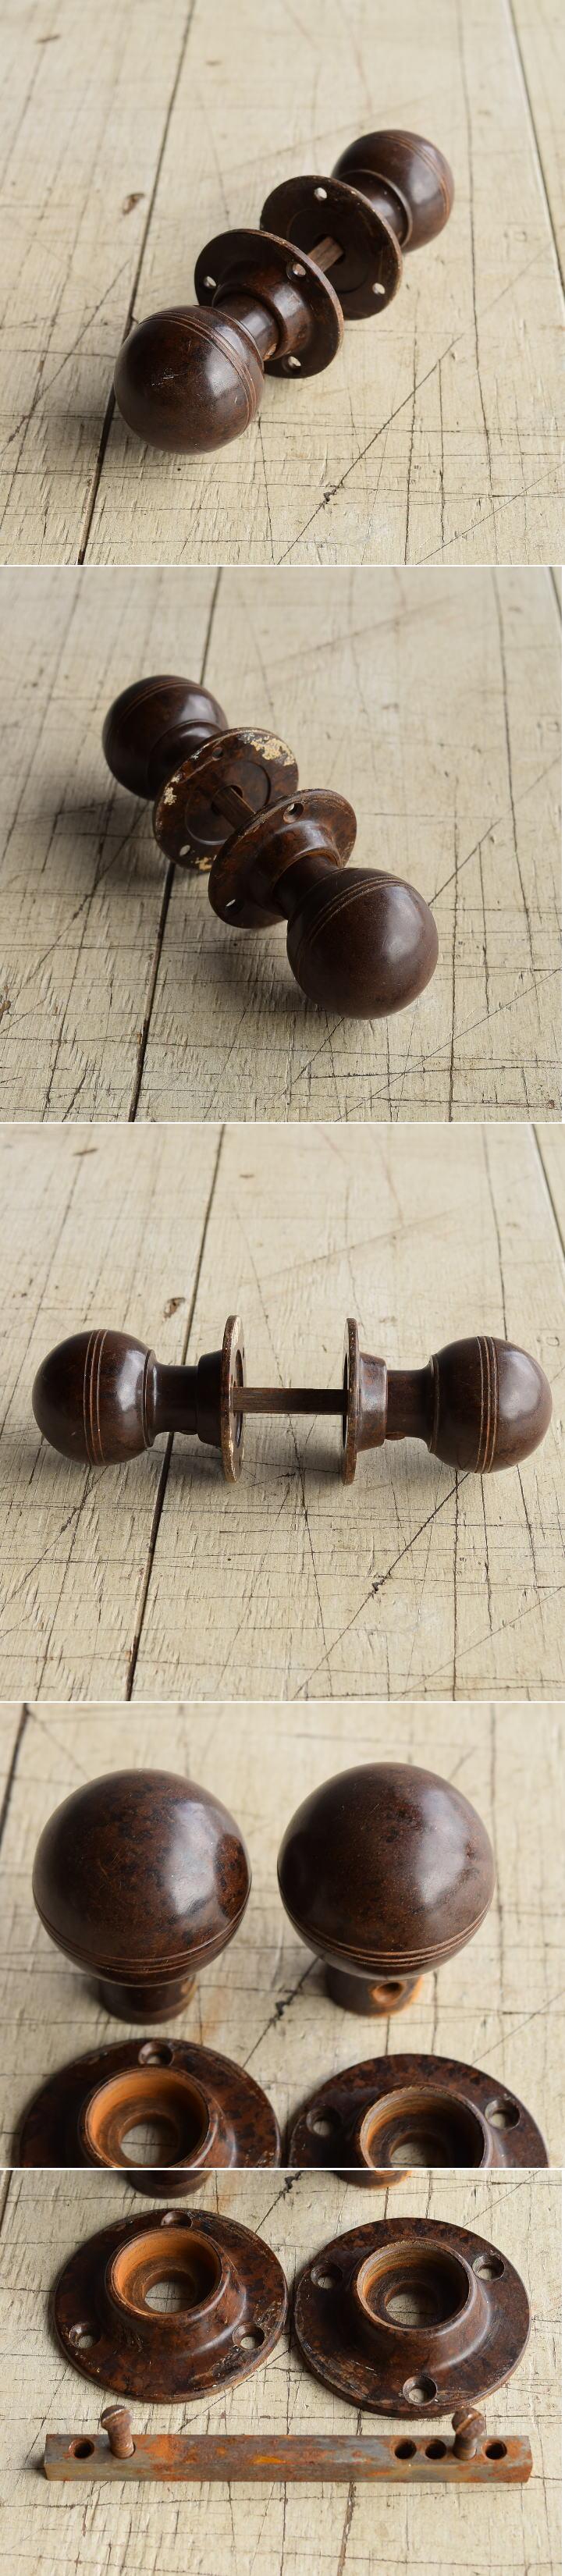 イギリス アンティーク ベイクライト製 ドアノブ 建具金物 握り玉 8217